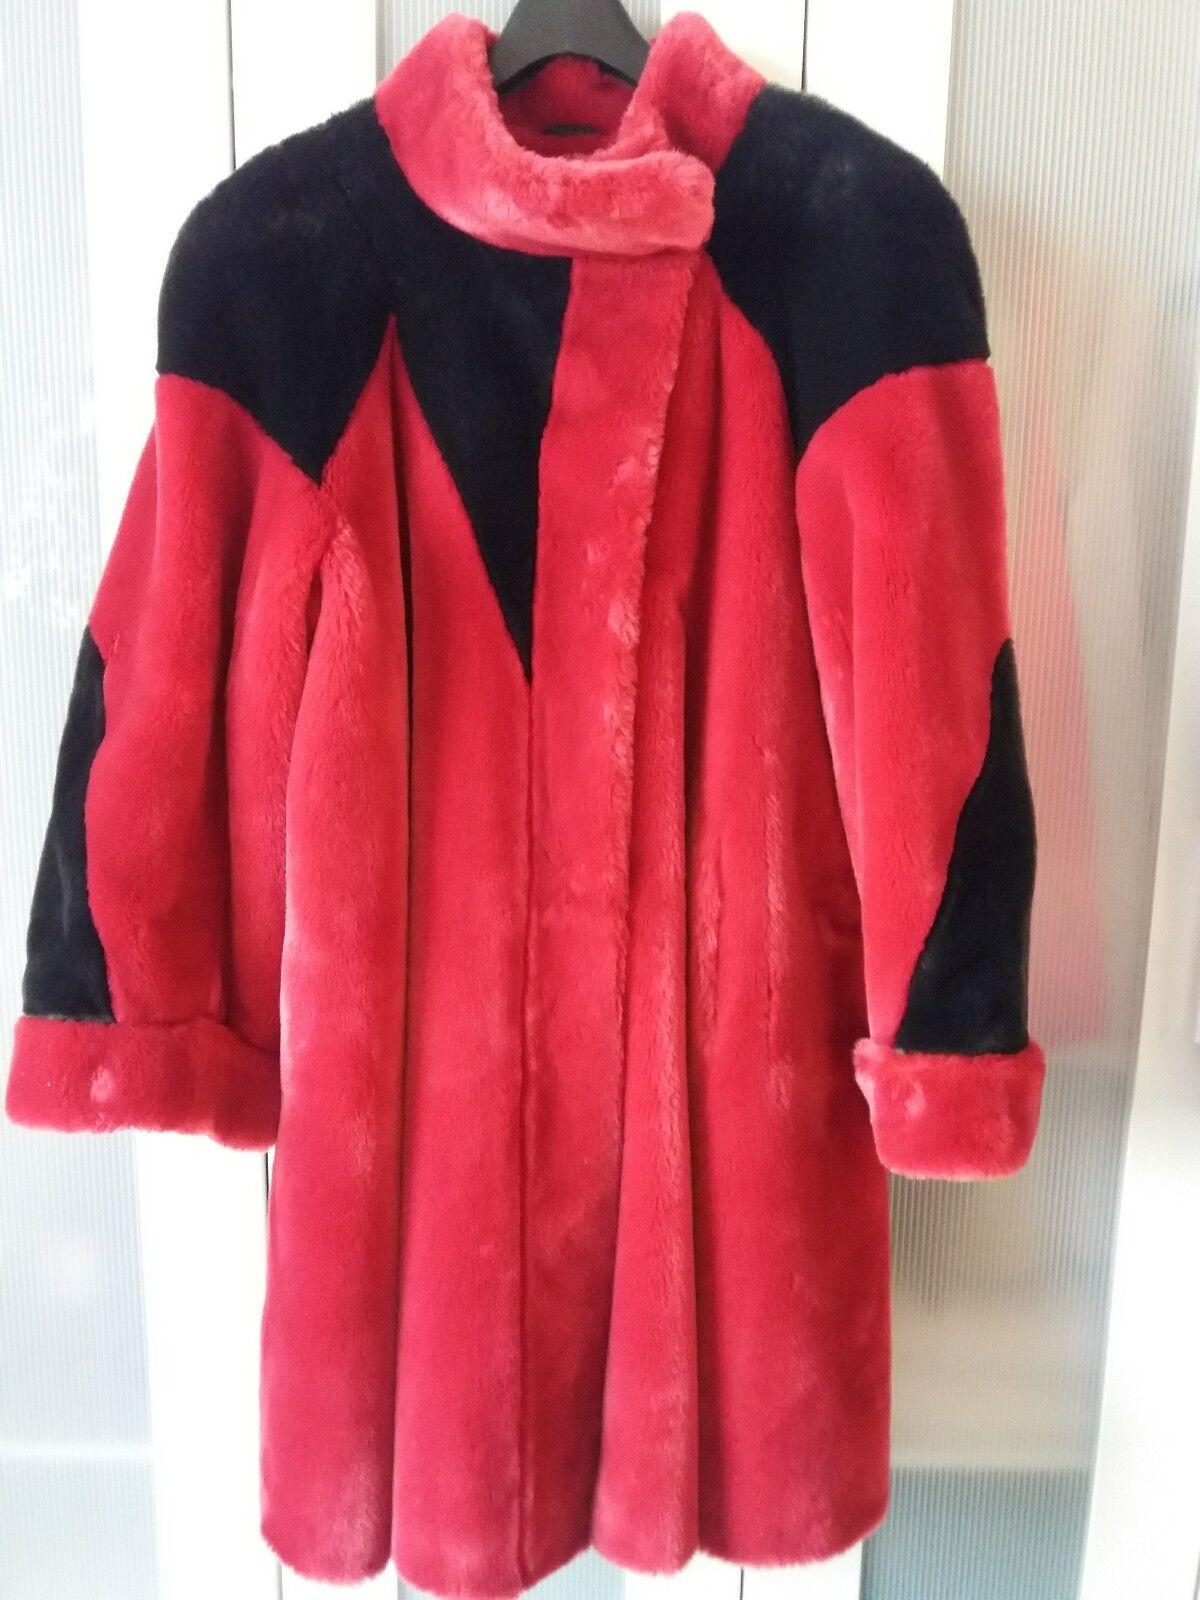 Damen mantel 40 42, rot schwarz, Kunstpelz,  sehr hochwertig